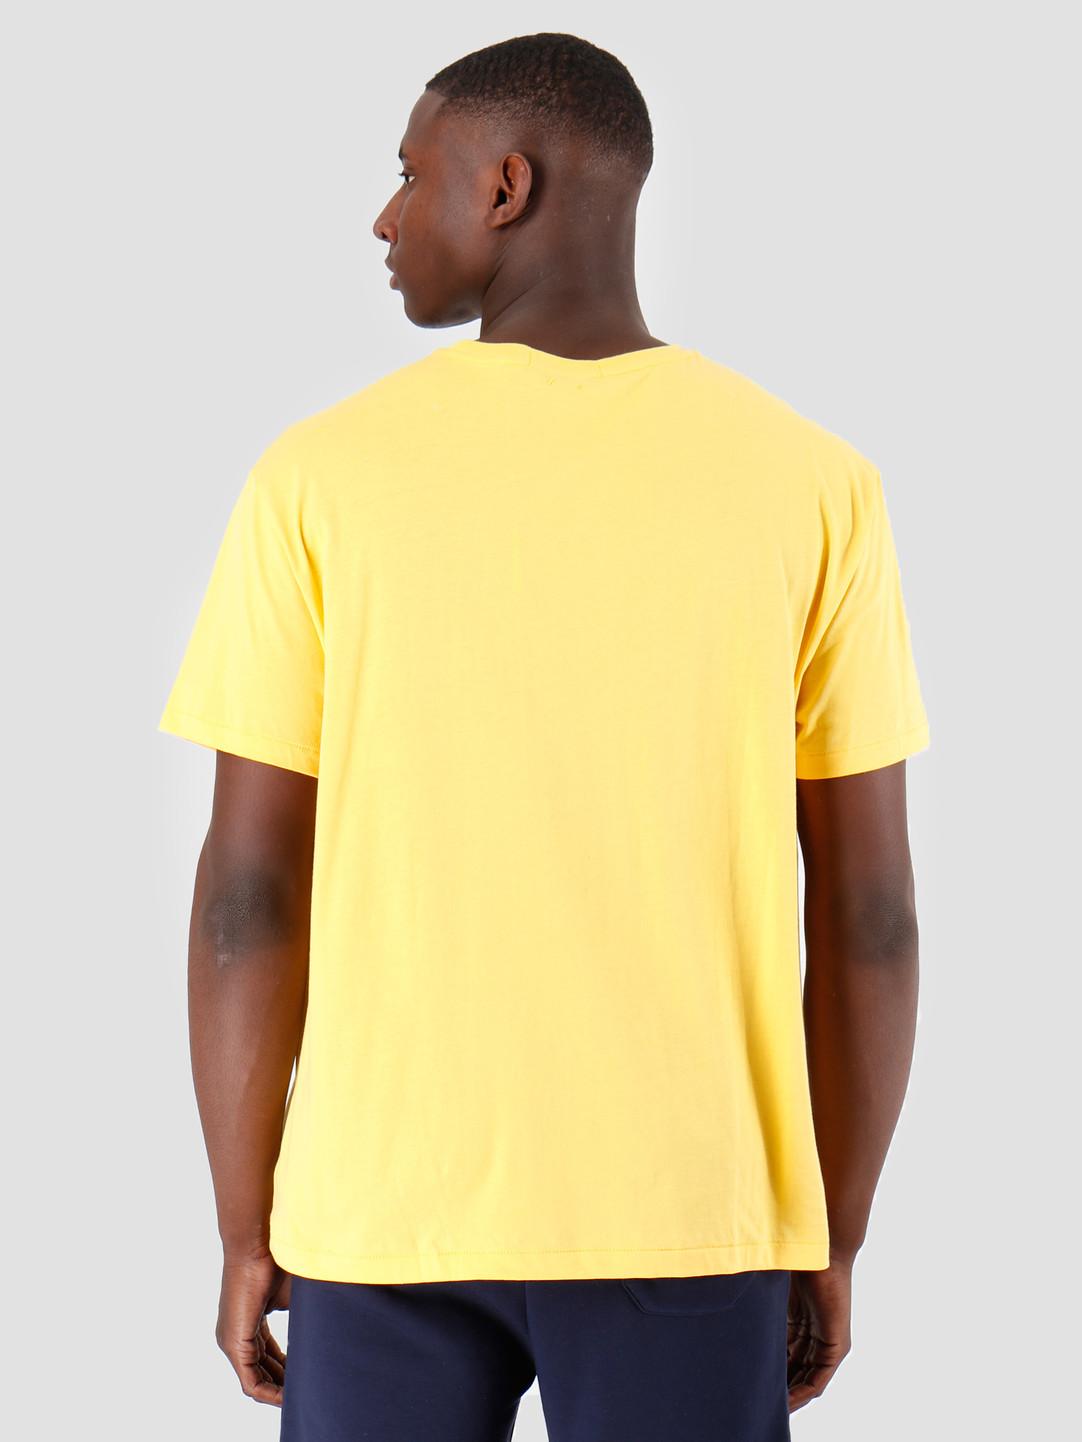 Lauren Yellow Shortsleeve 1 Shirt 26 T Ralph Jersey 710750444006 D29EHWI